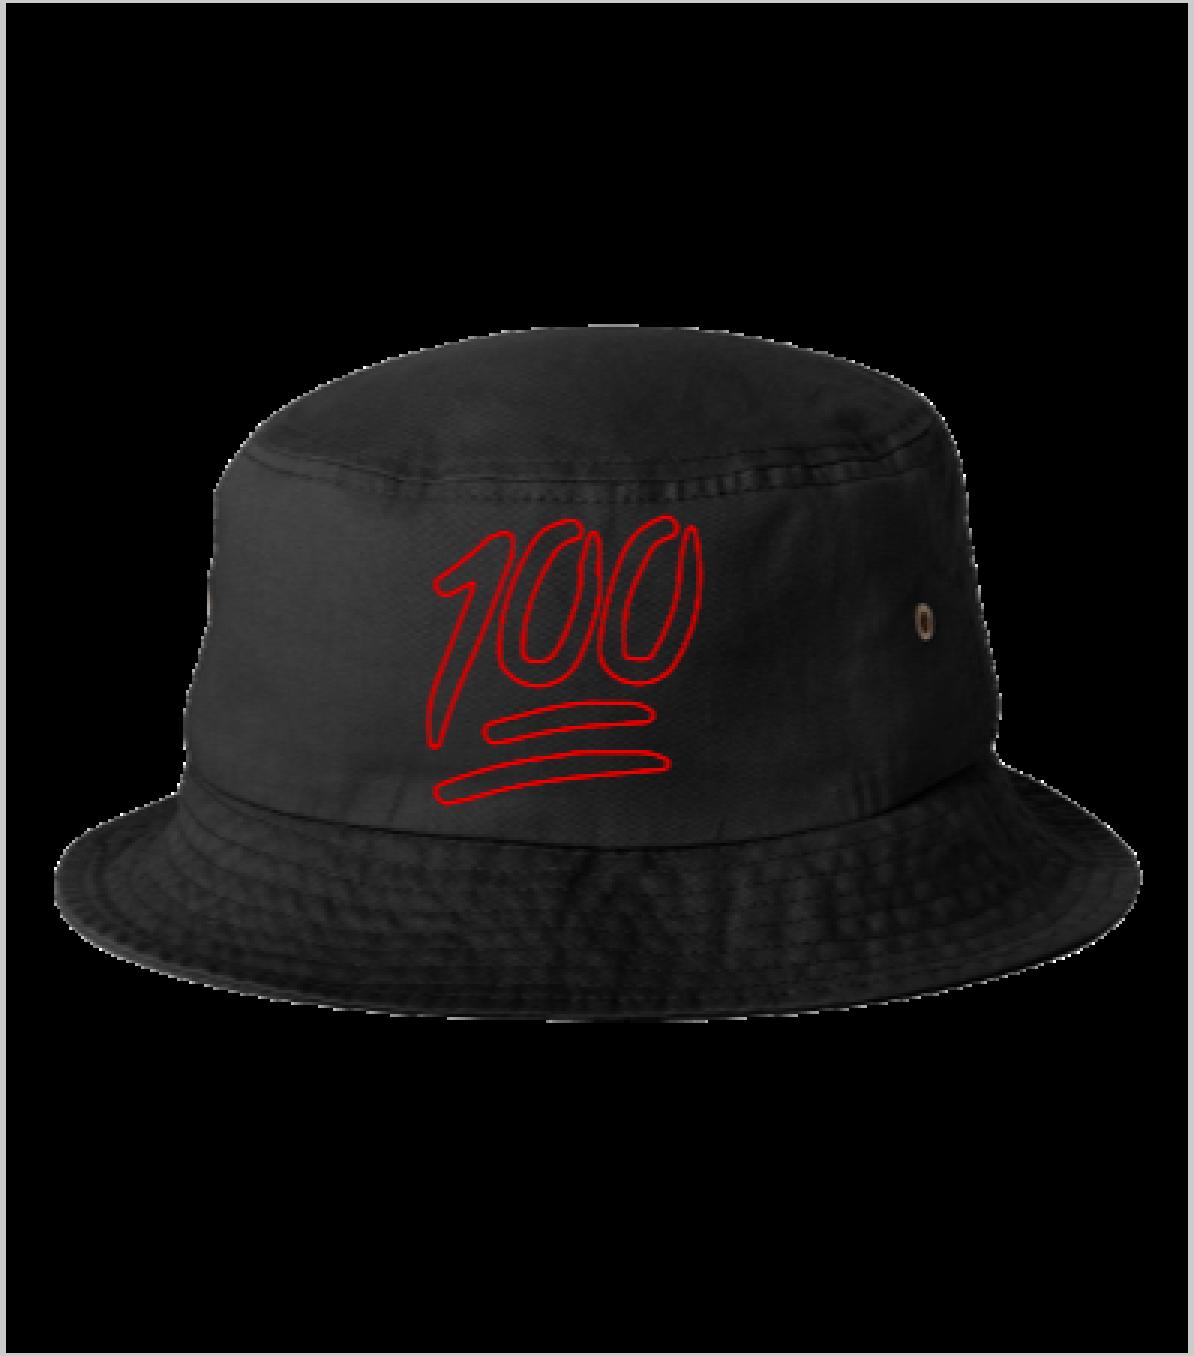 e86366ca093 Discover ideas about Nfl Philadelphia Eagles. NFL Philadelphia Eagles  Bucket Hats Fisherman Caps